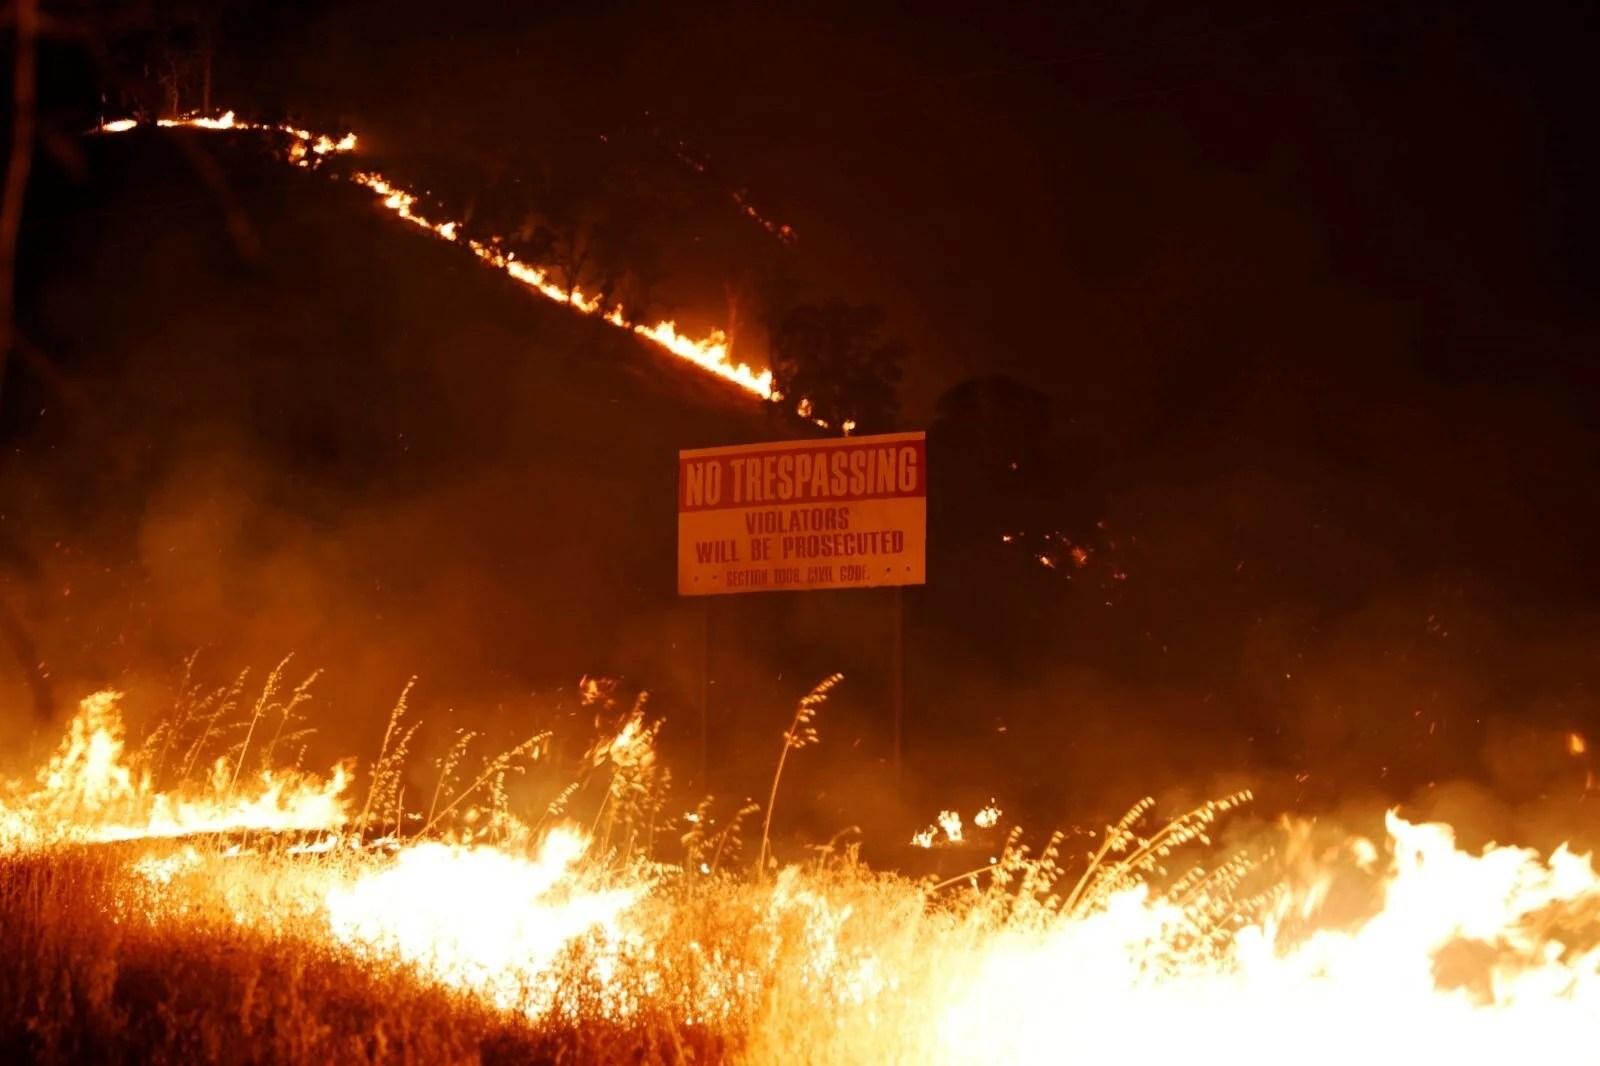 California'da 8 bin kilometrekare alan yandı, rekor kırıldı - 1